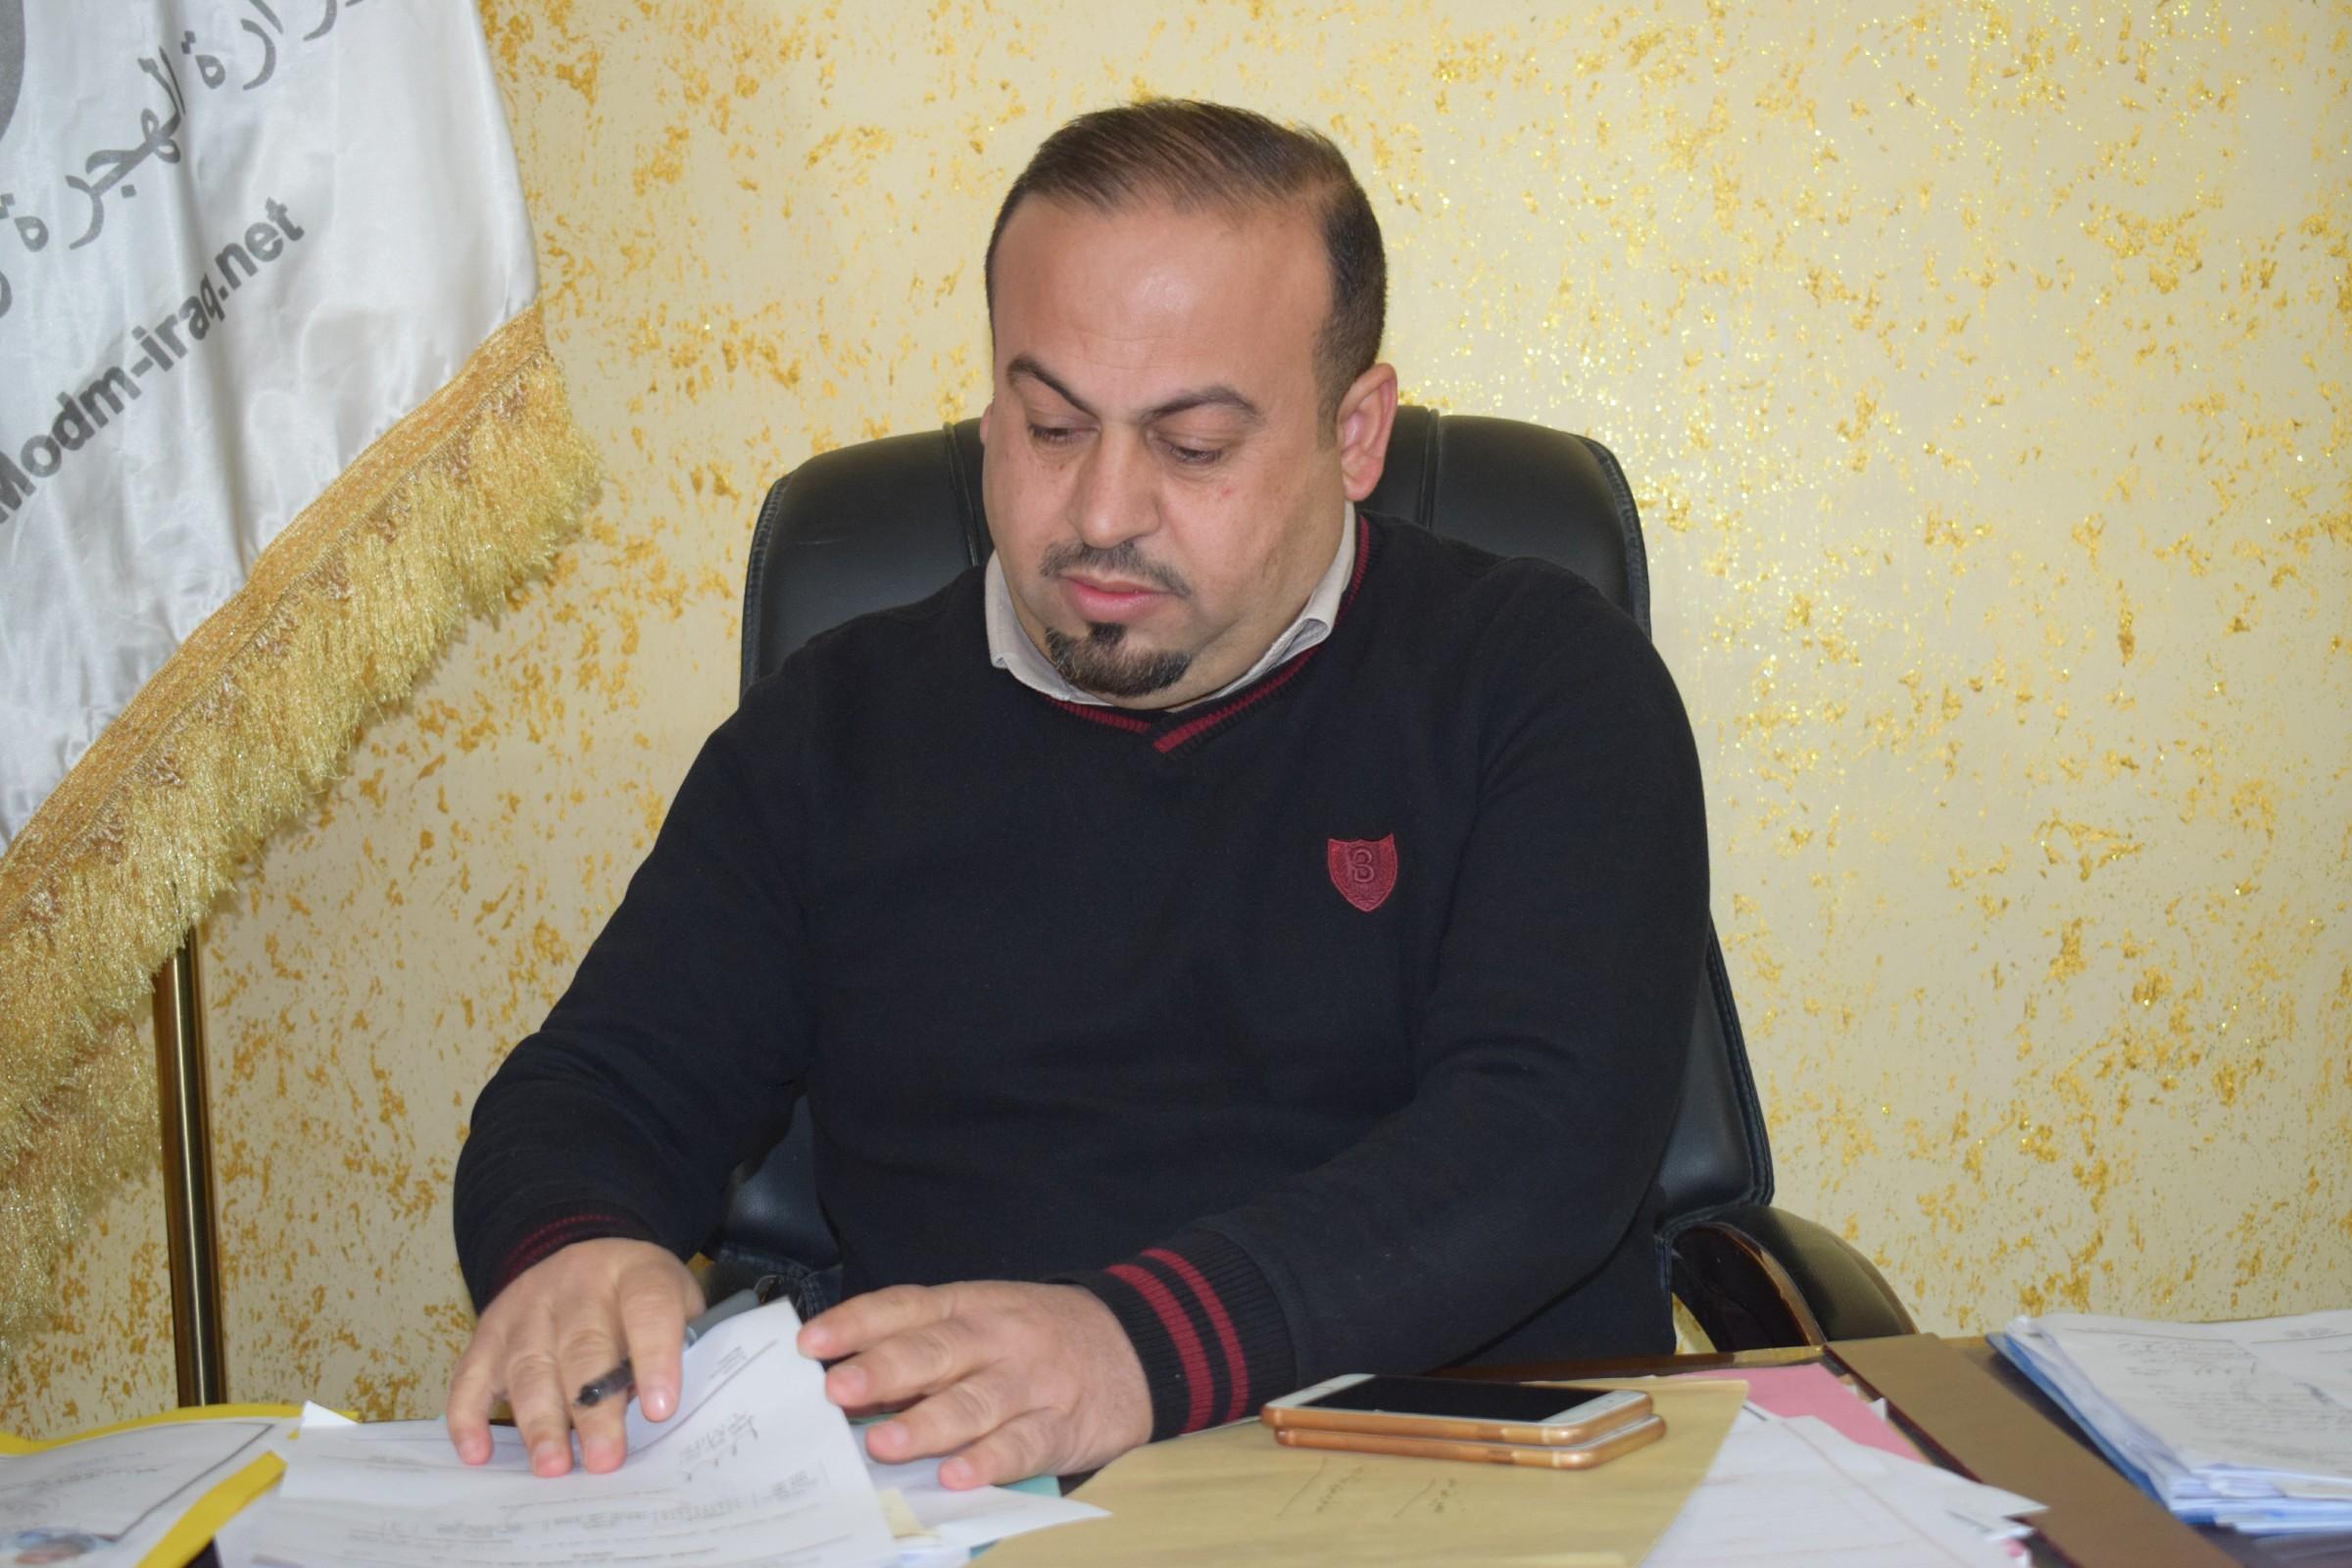 هجرة الأنبار تعلن وصول اسر نازحة من الموصل الى المحافظة